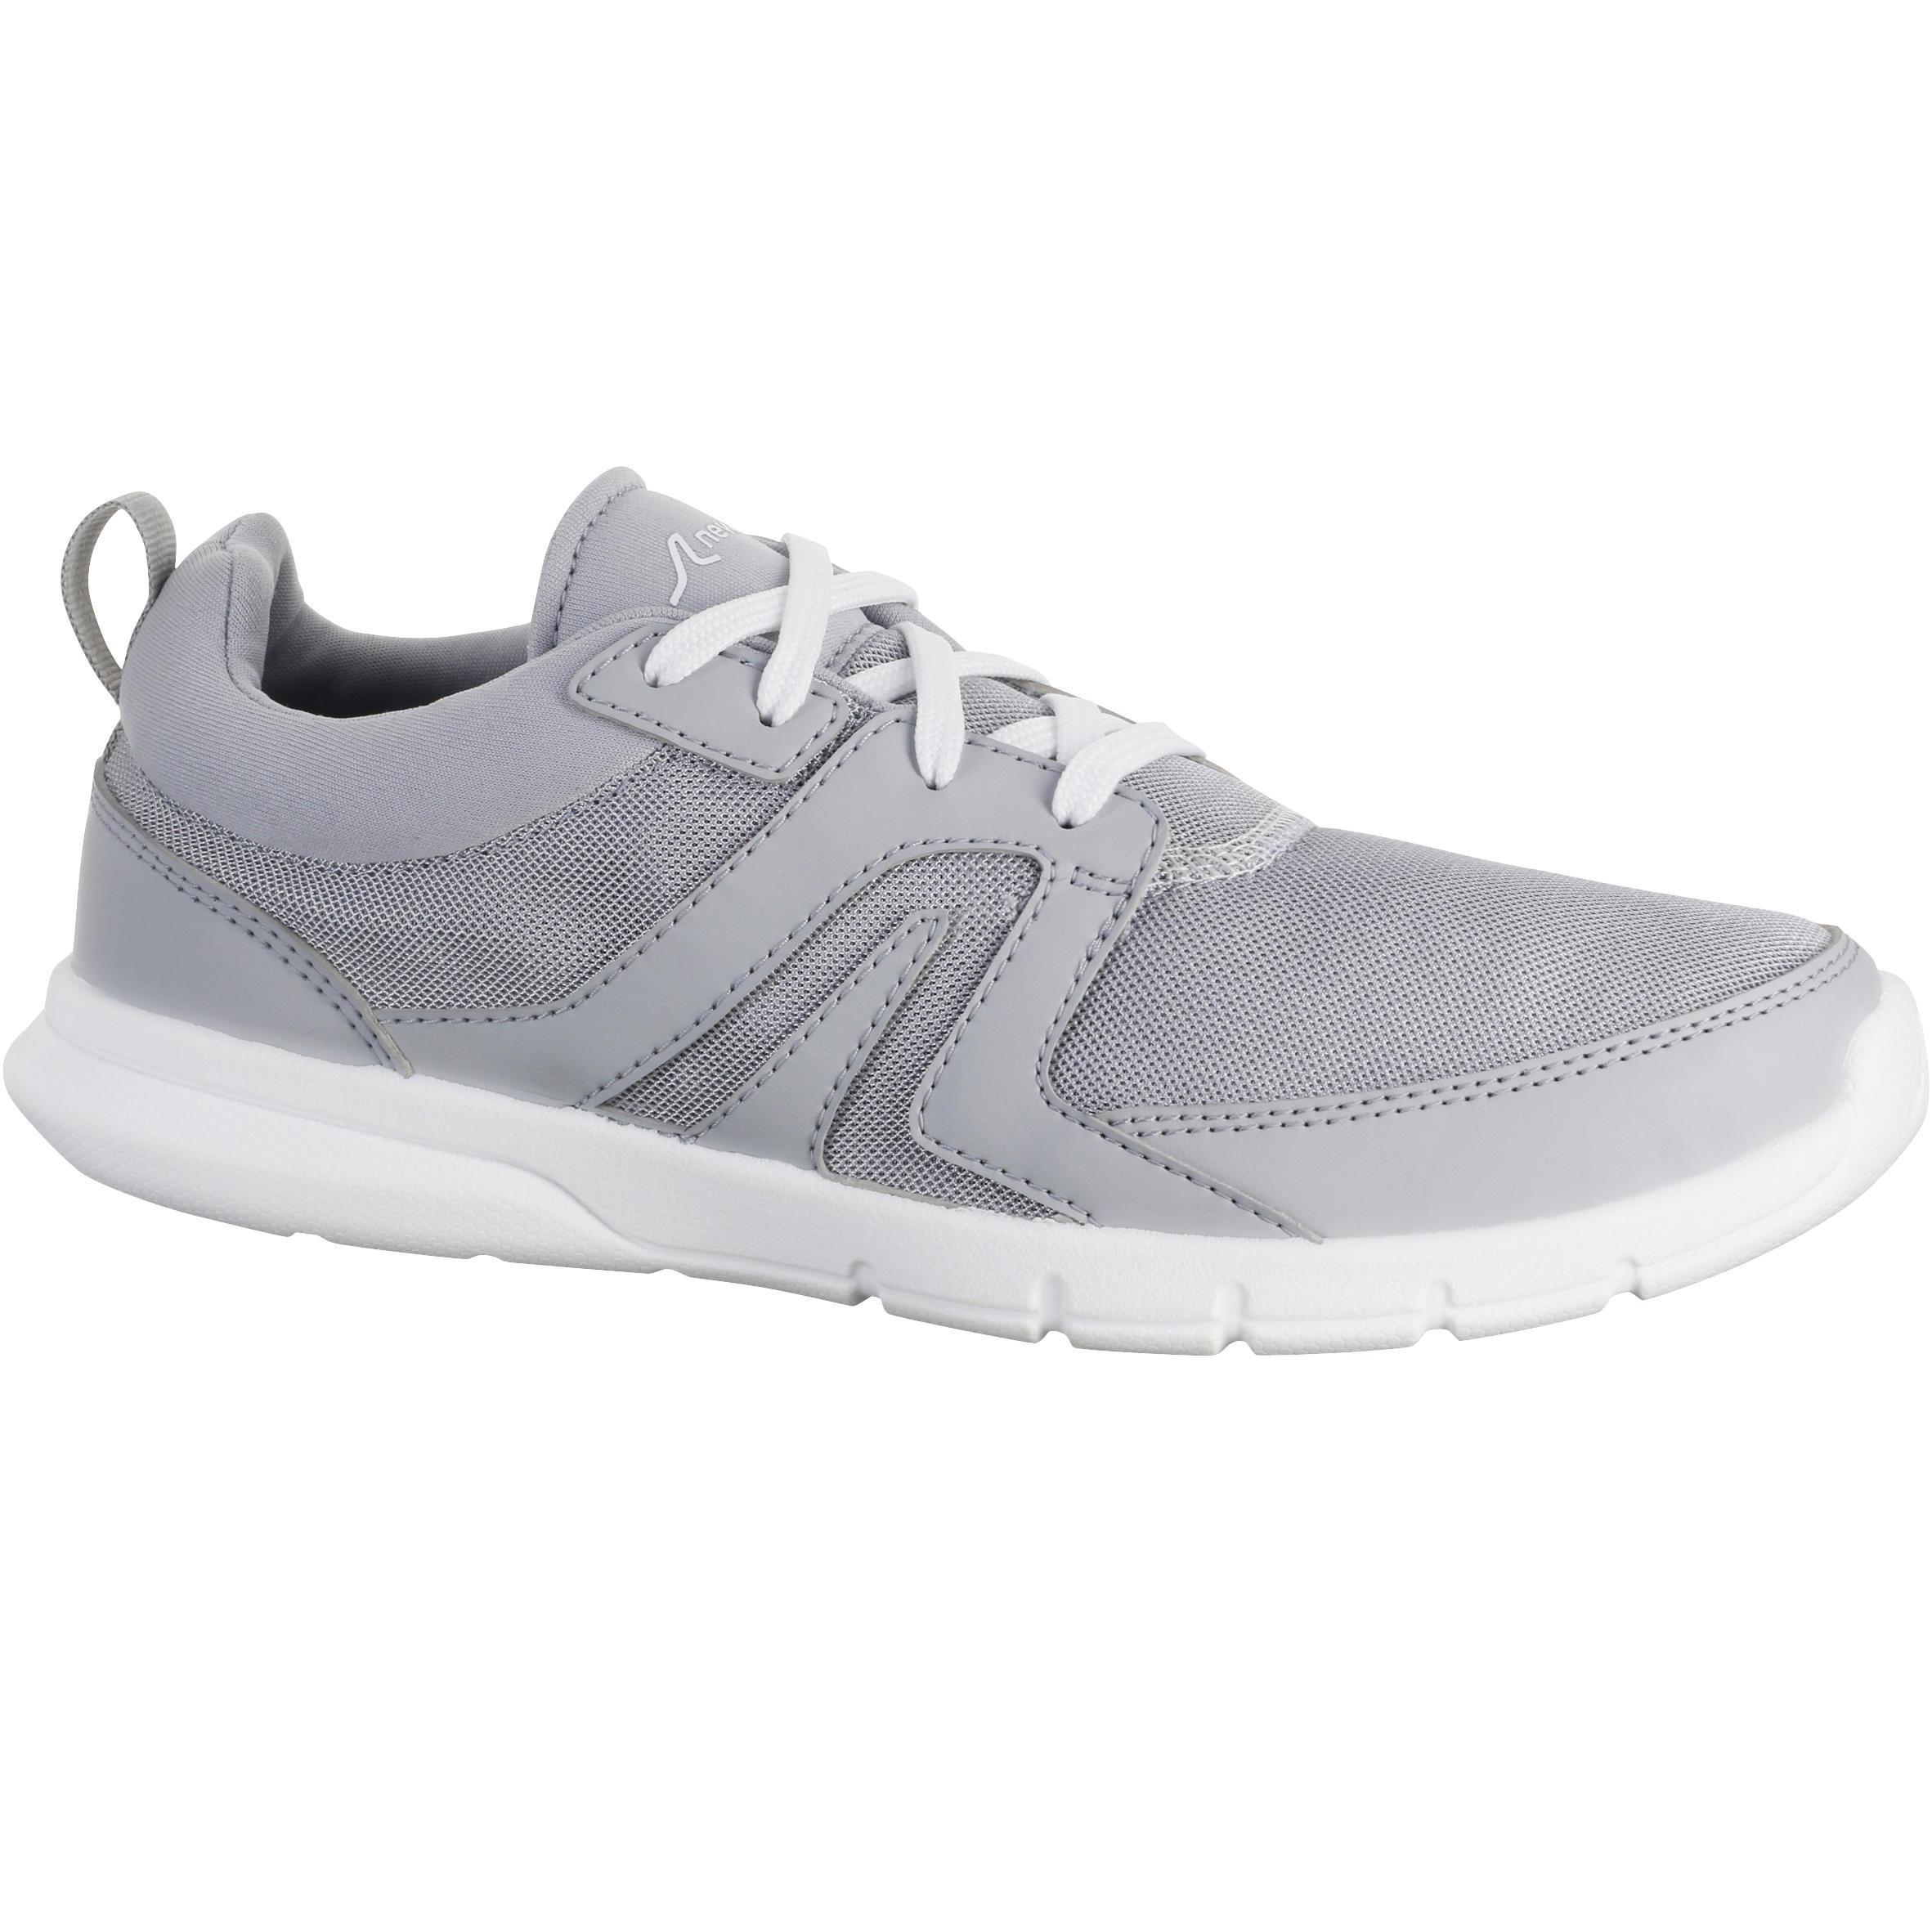 Newfeel Damessneakers voor sportief wandelen Soft 100 Mesh lichtgrijs